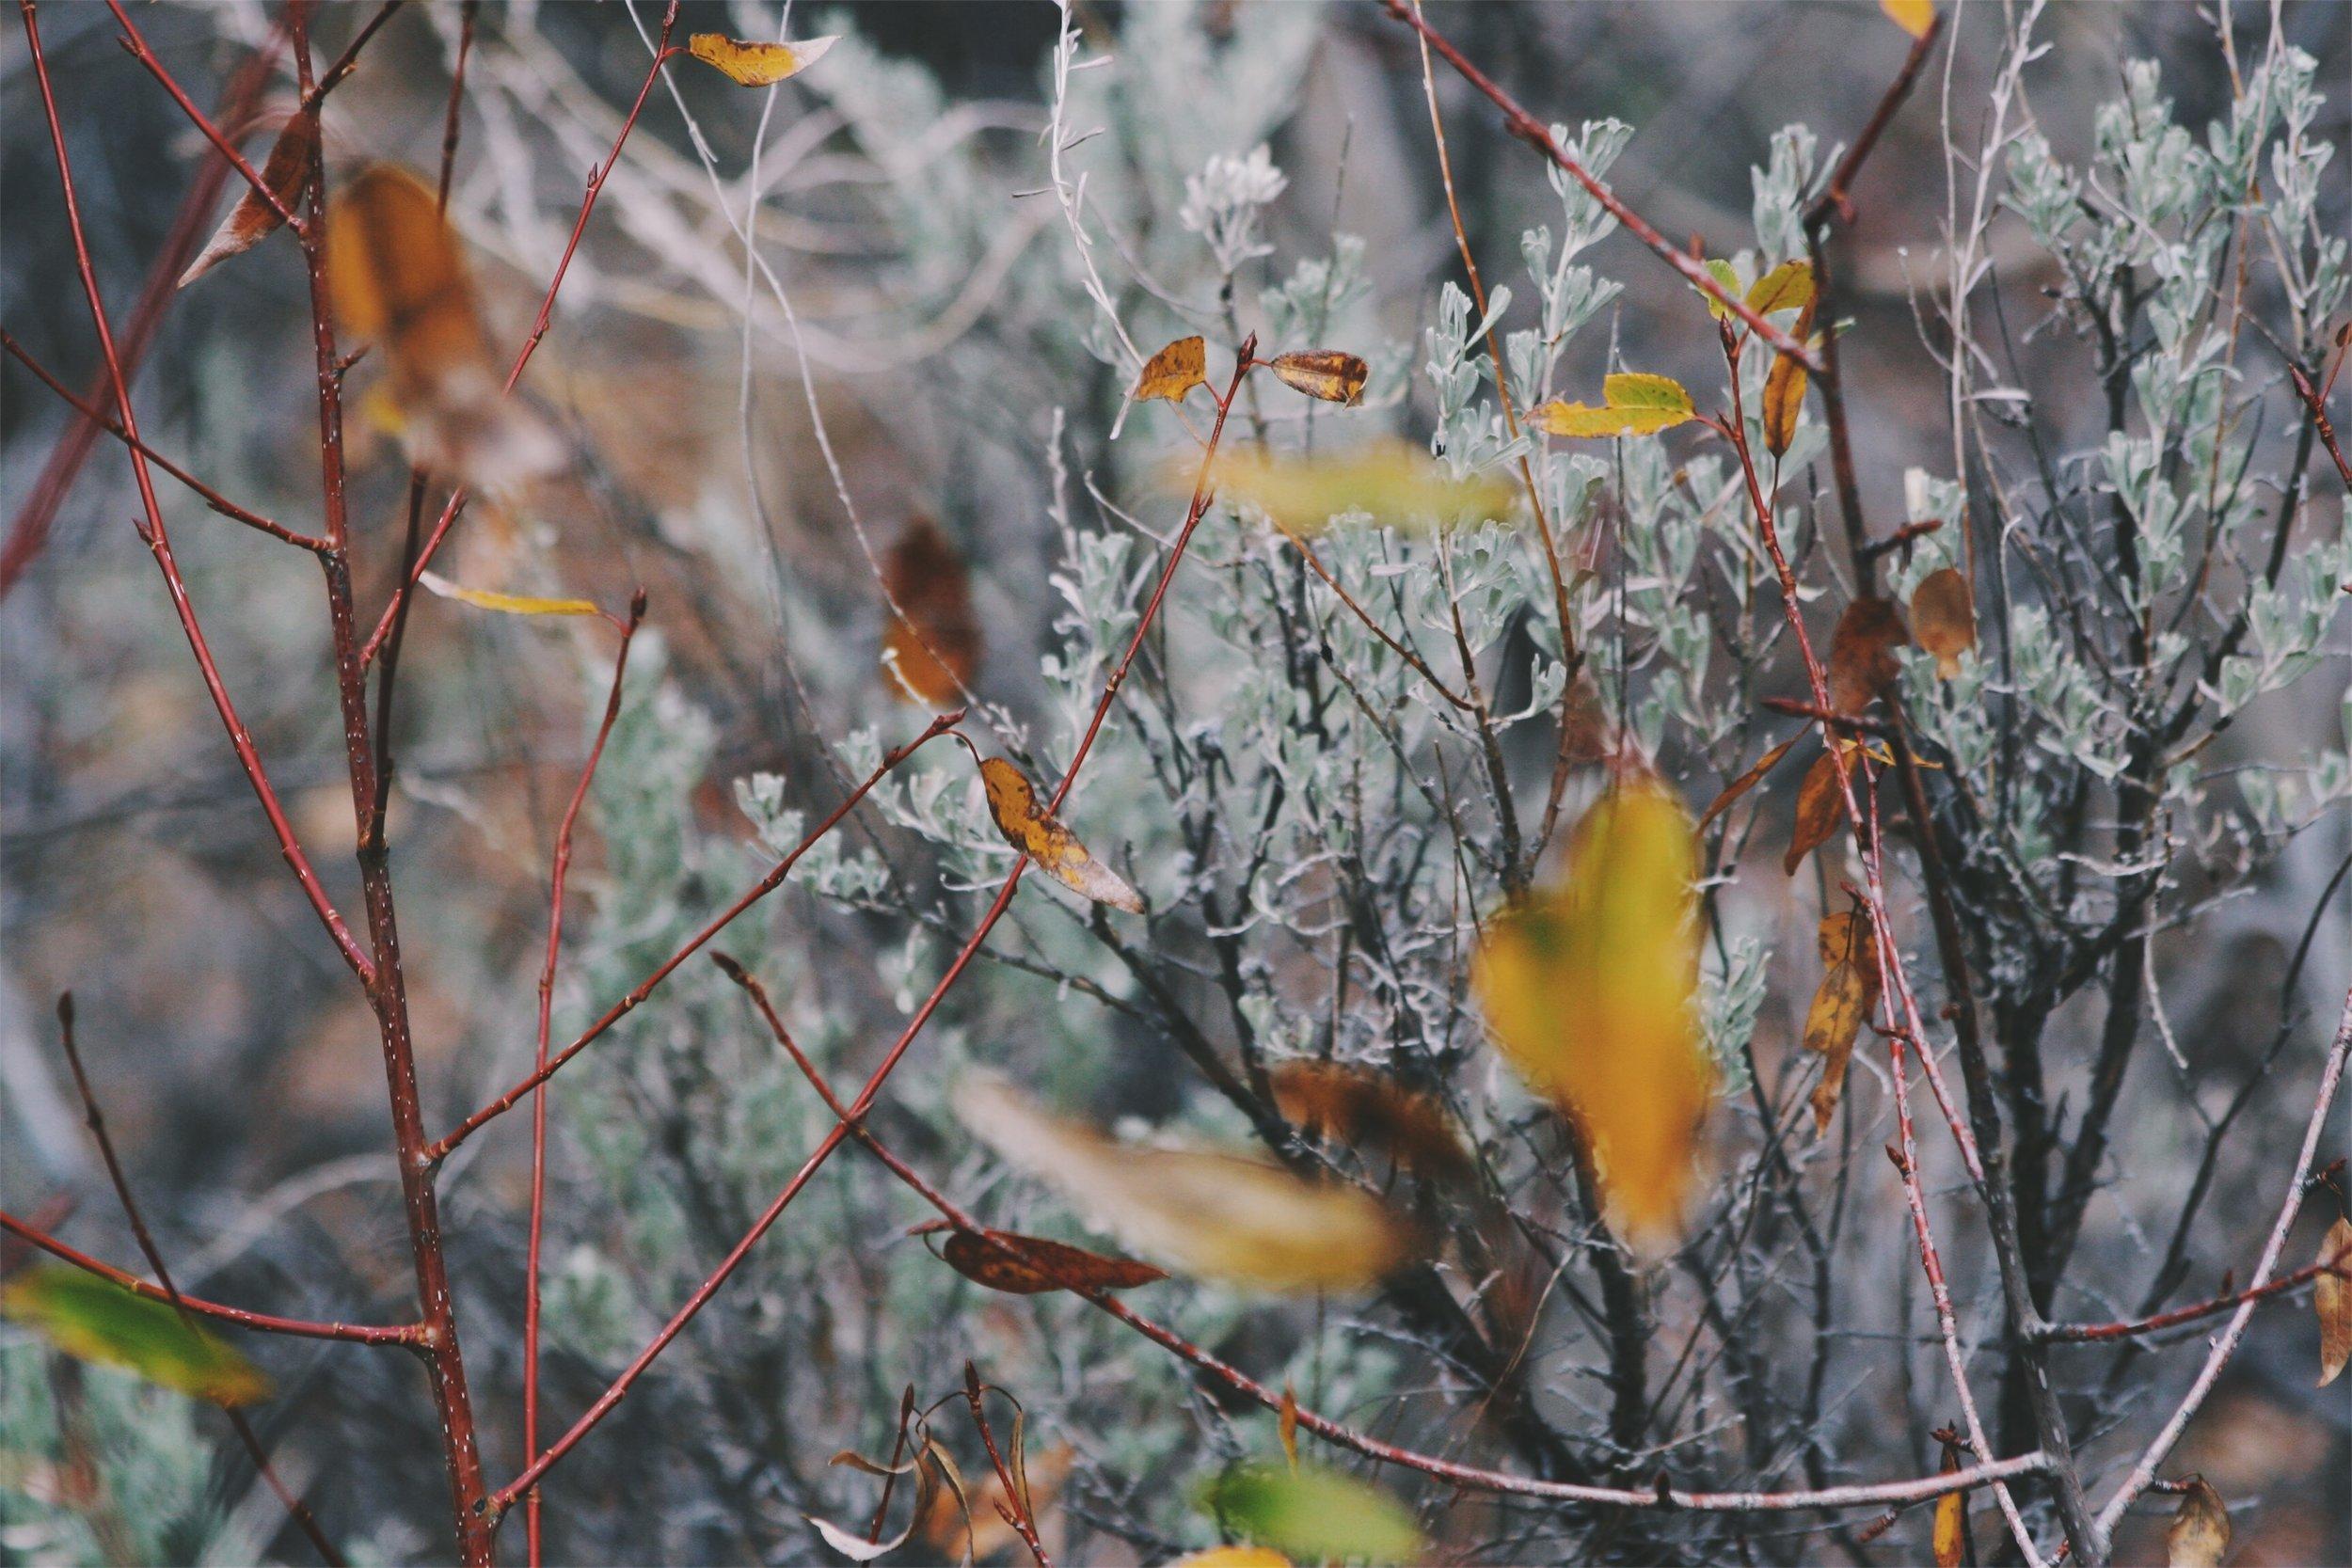 Cottonwood / Willow / Sagebrush